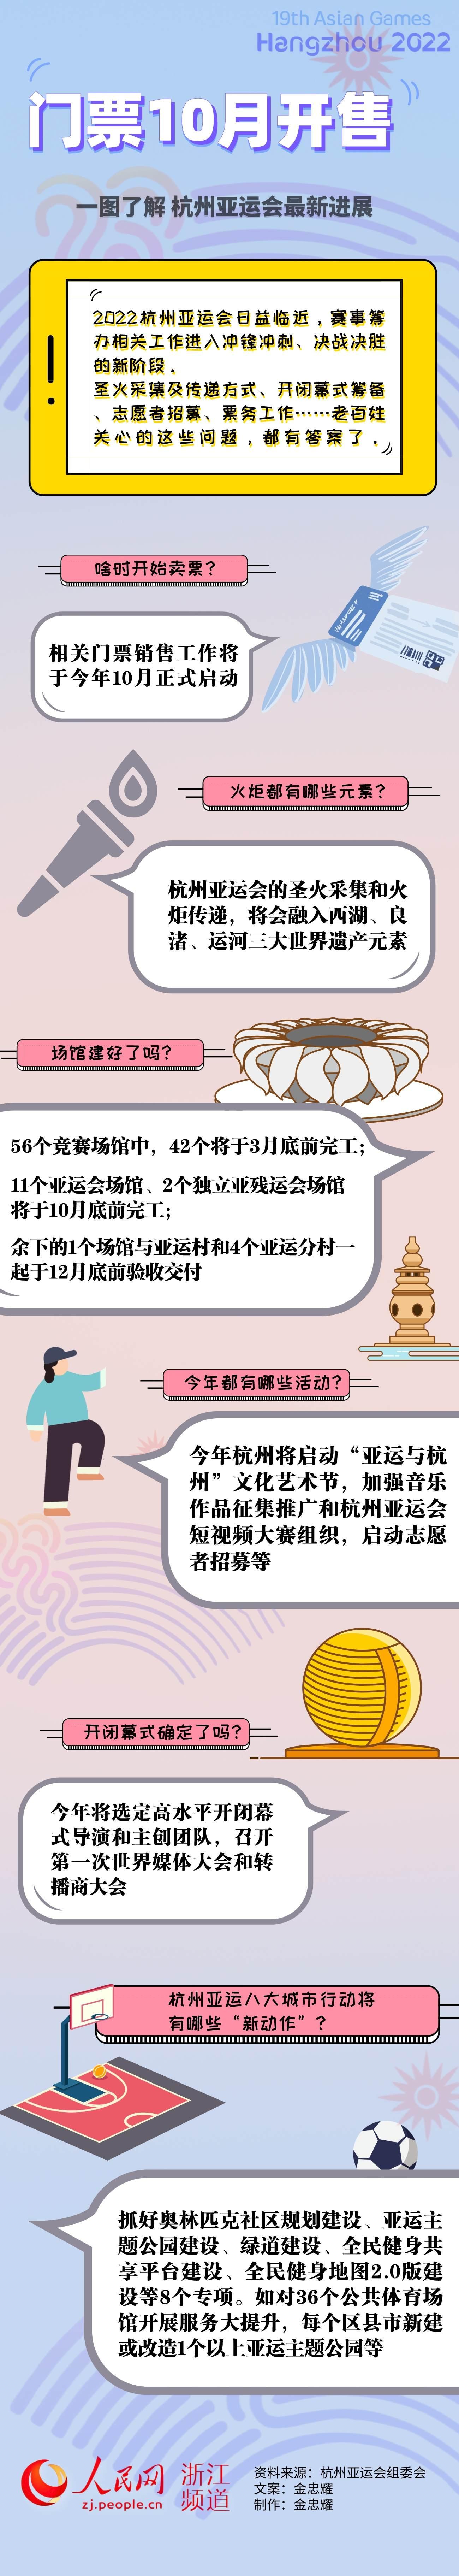 门票10月开售!一图了解杭州亚运会最新进展